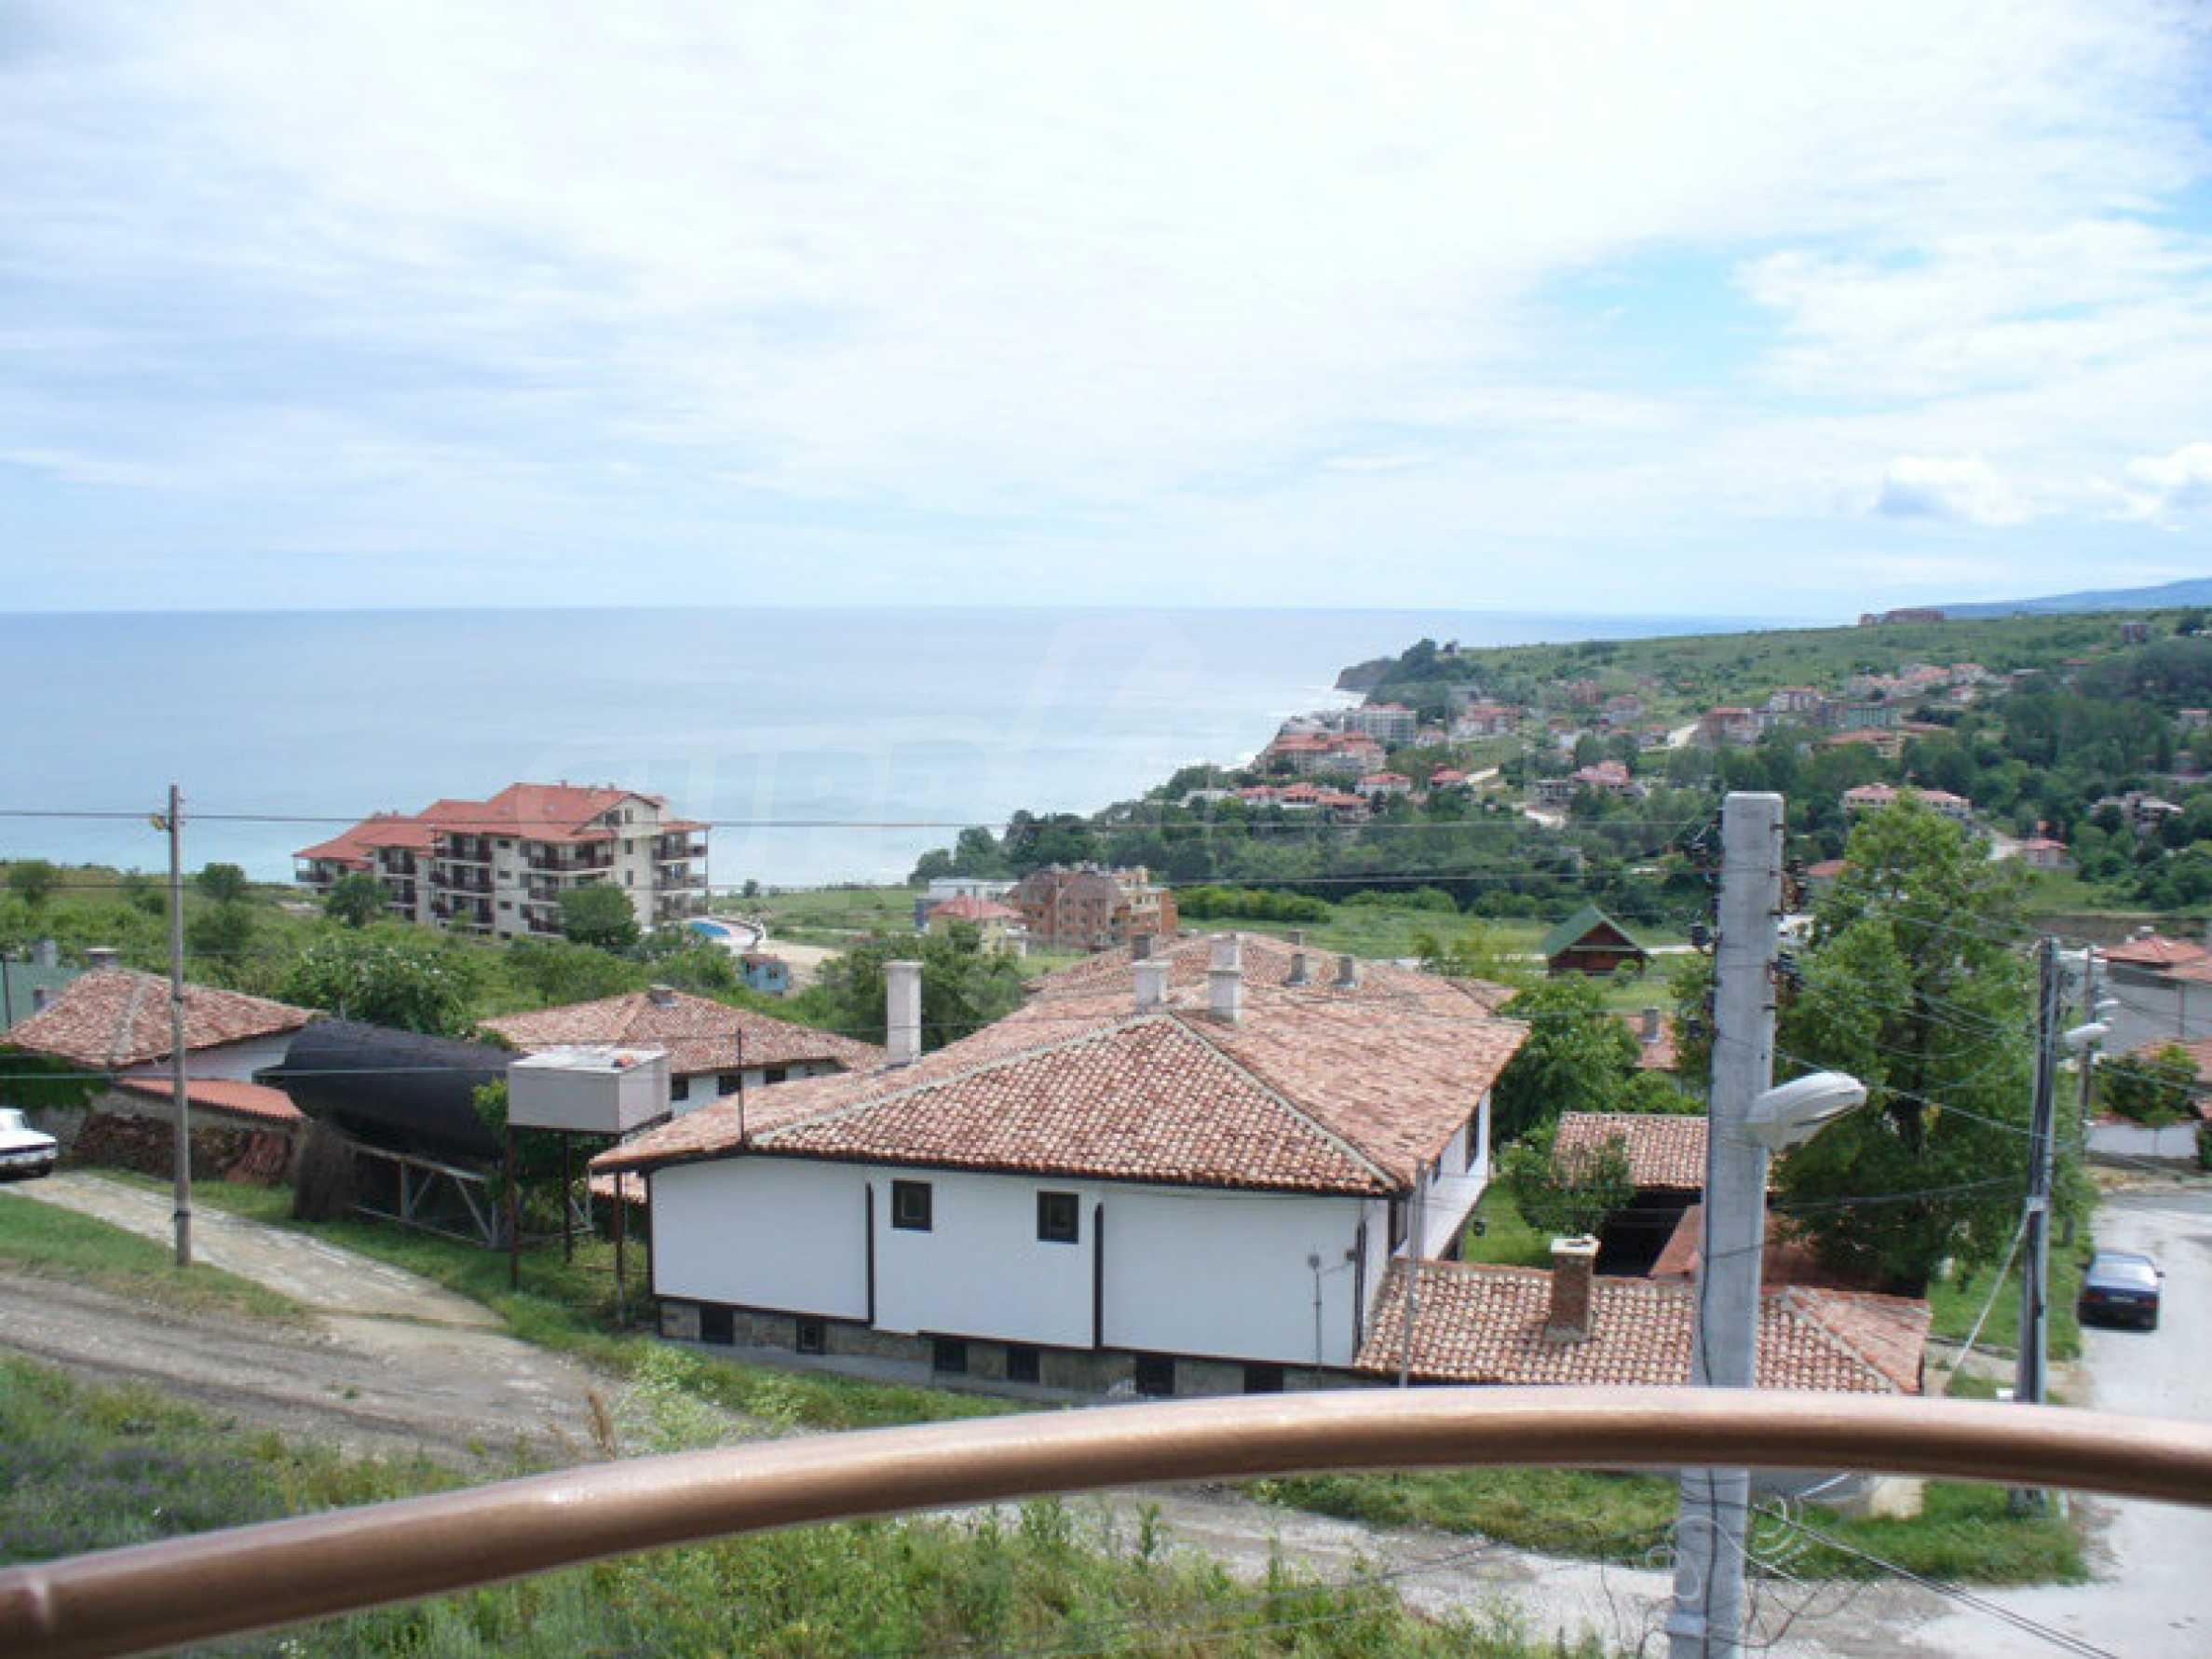 Gemütliches Familienhotel am Schwarzen Meer in der Stadt Byala 2